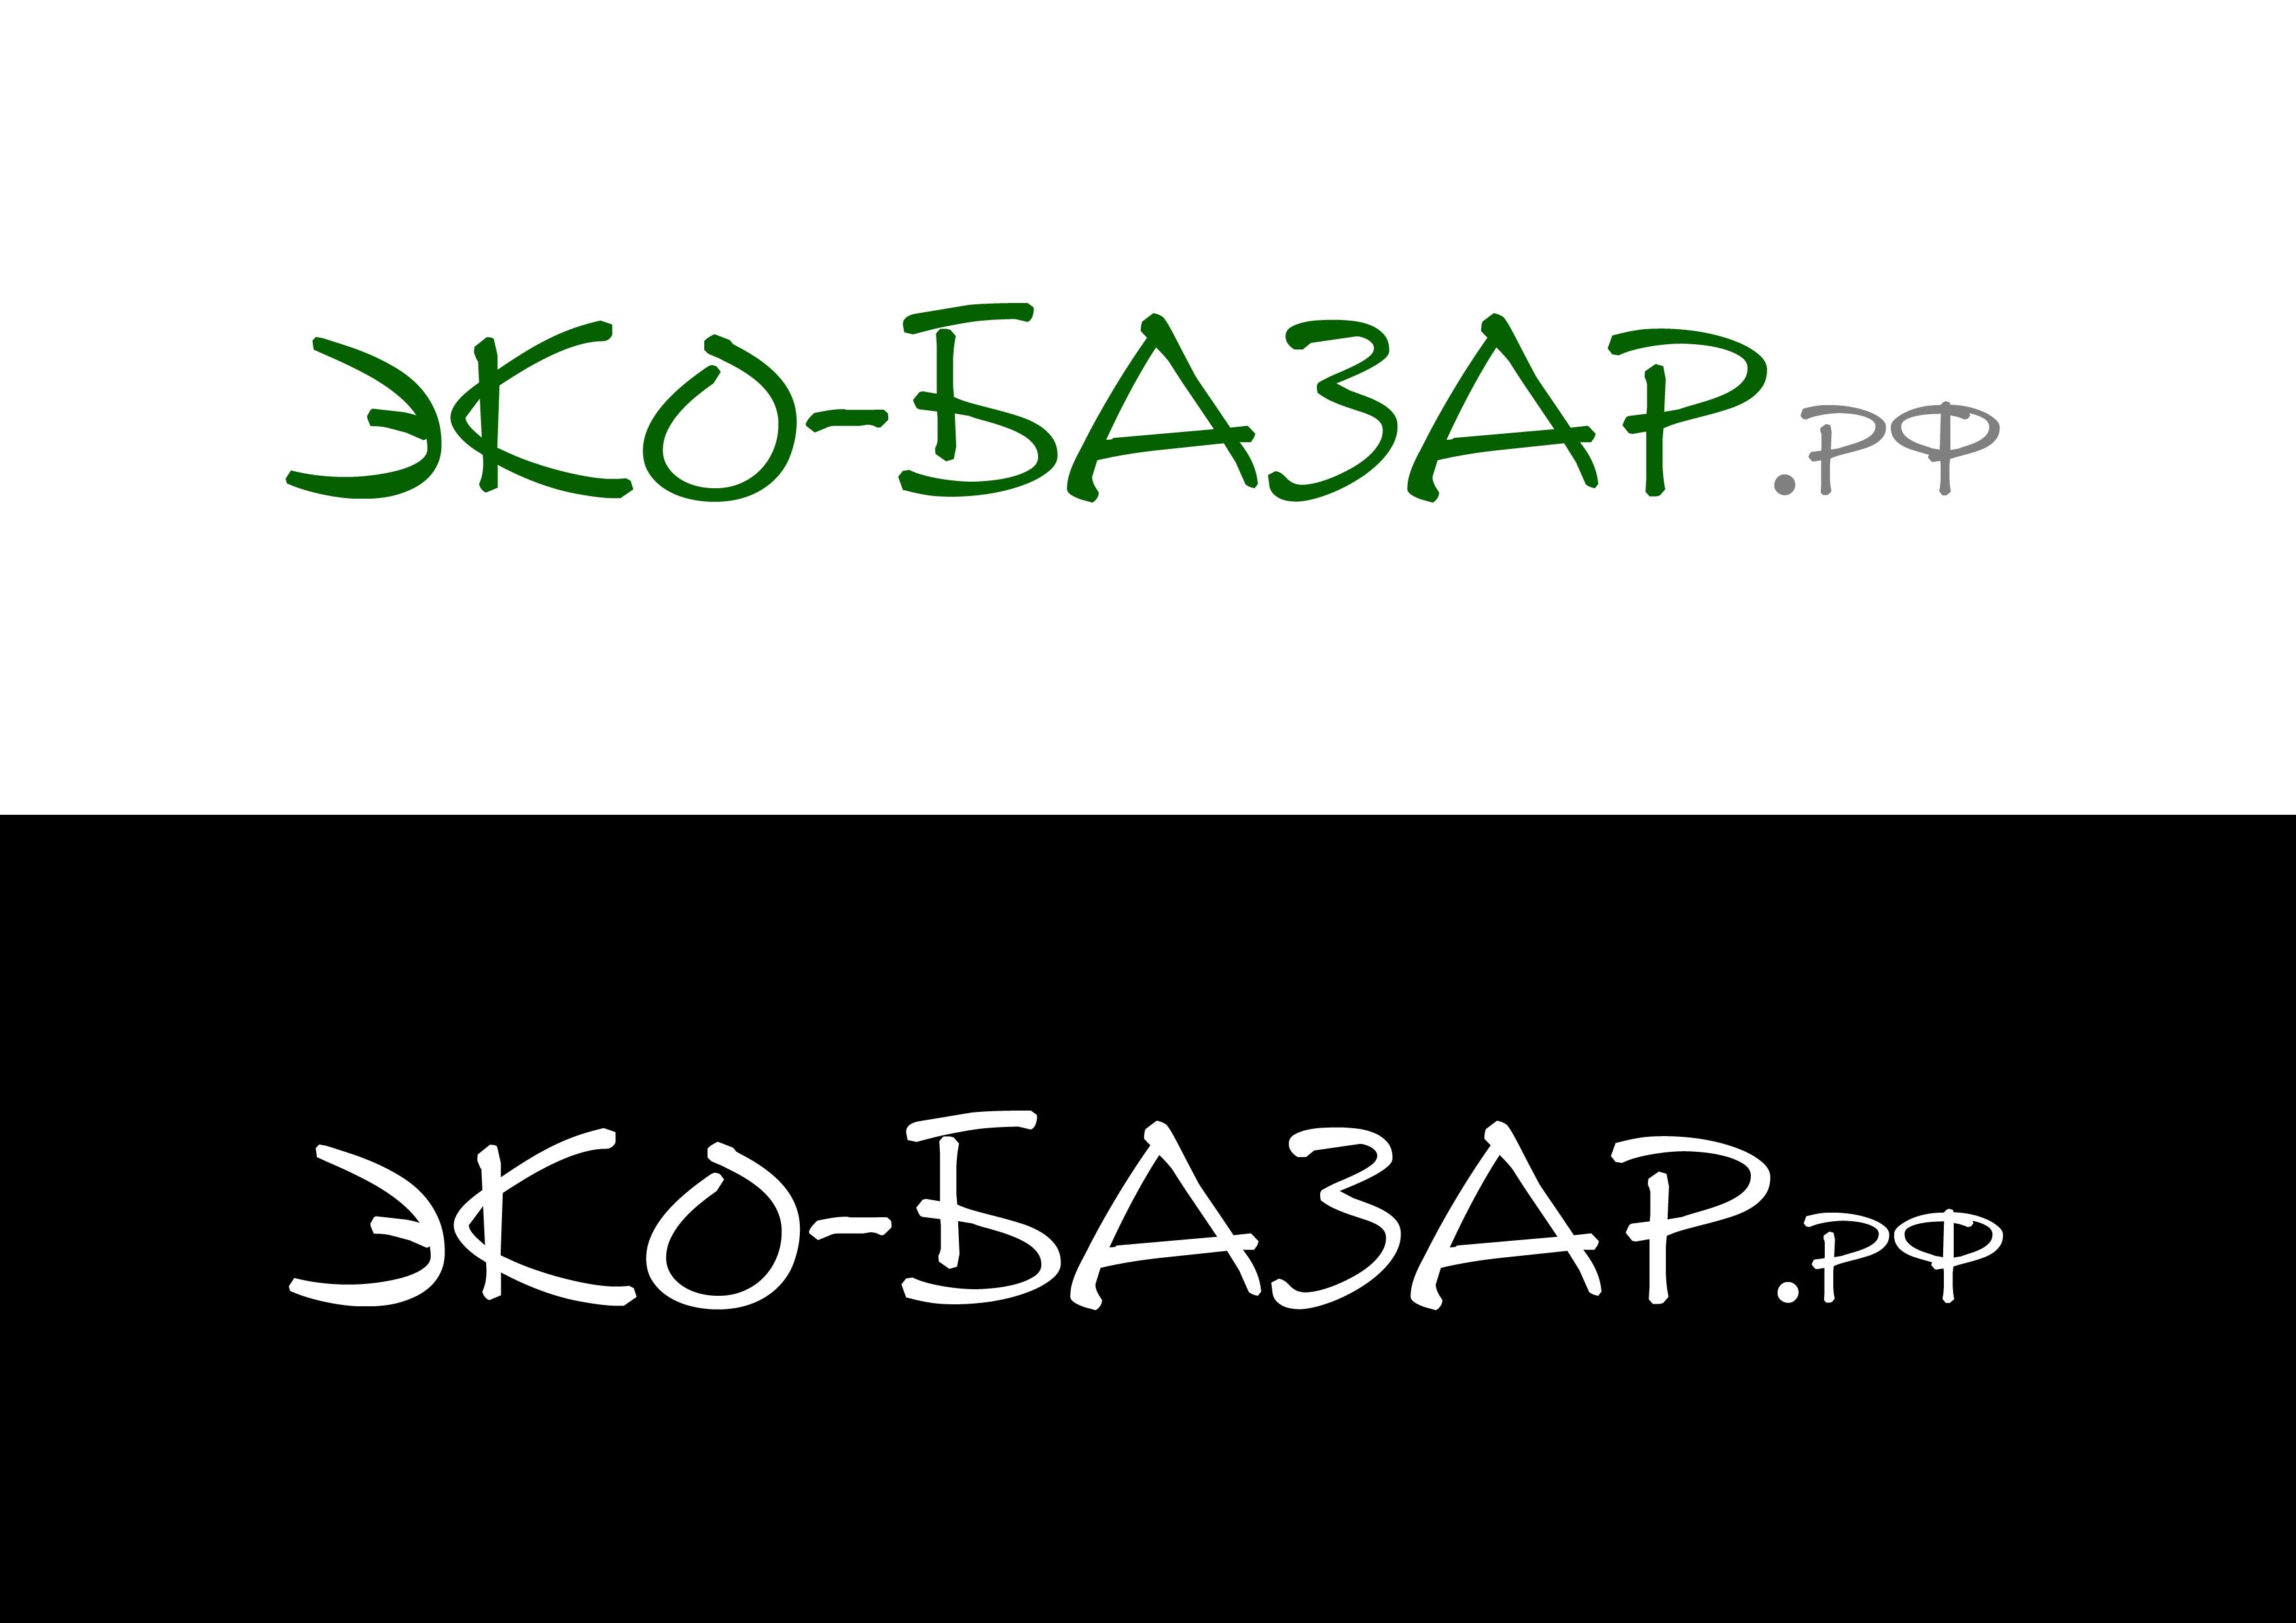 Логотип компании натуральных (фермерских) продуктов фото f_223594176041976d.jpg